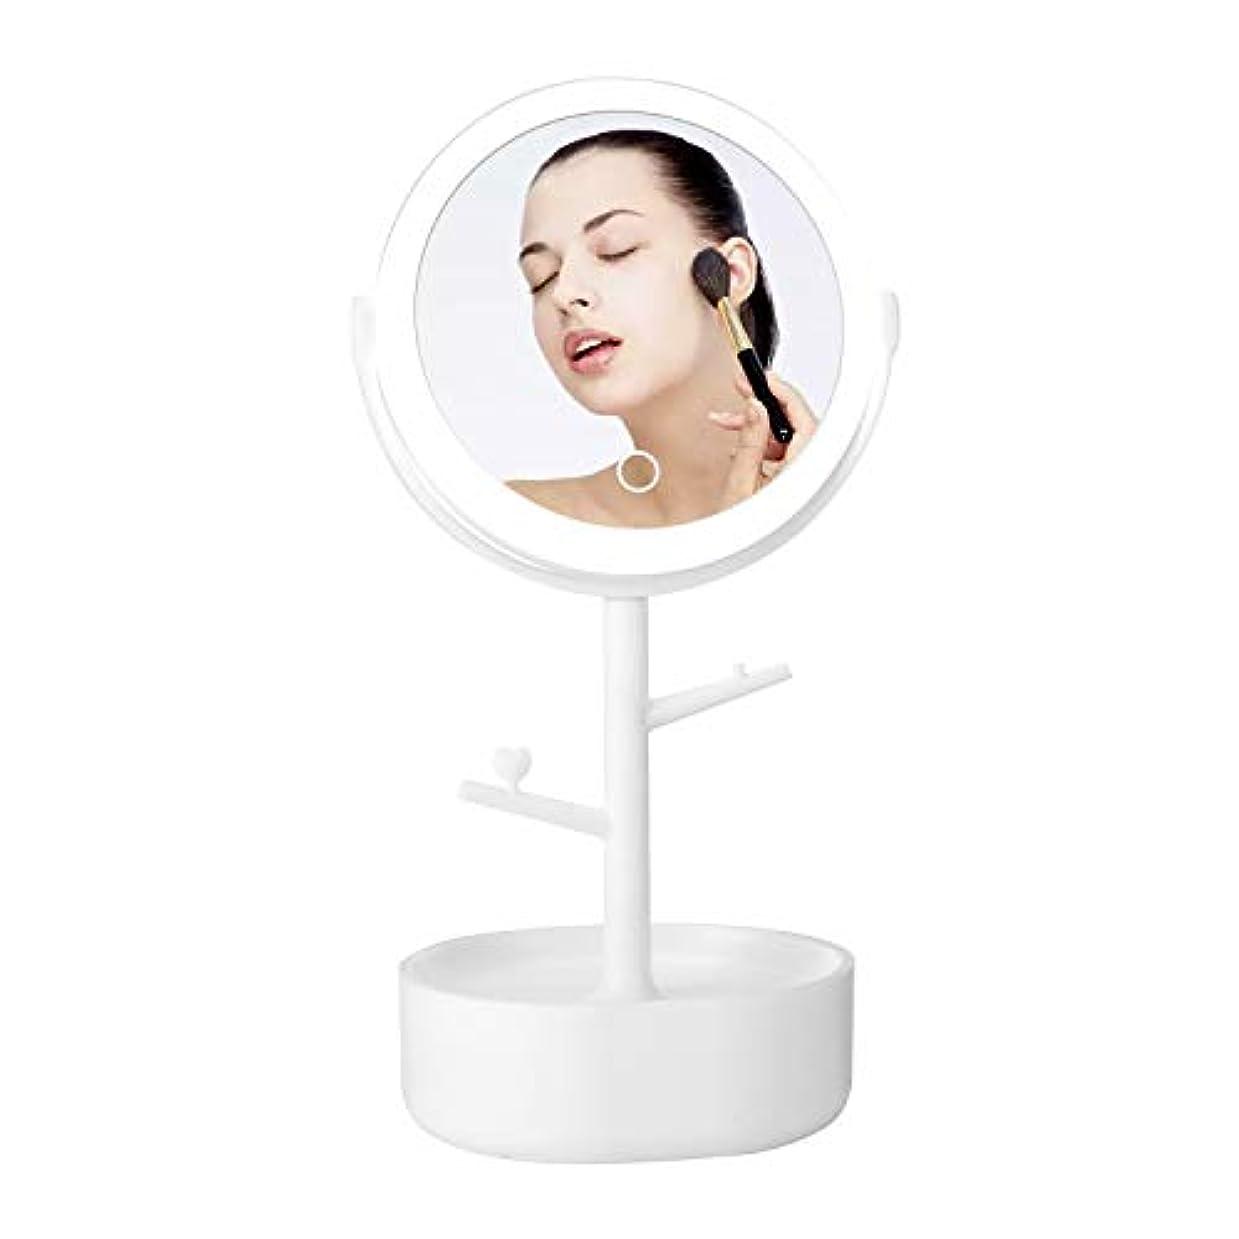 方向フォーク買うLED化粧鏡 卓上ミラー 鏡 卓上鏡 収納ボックス付き 360度回転 充電式 サードギア明るさ調節可 USB給電(白)